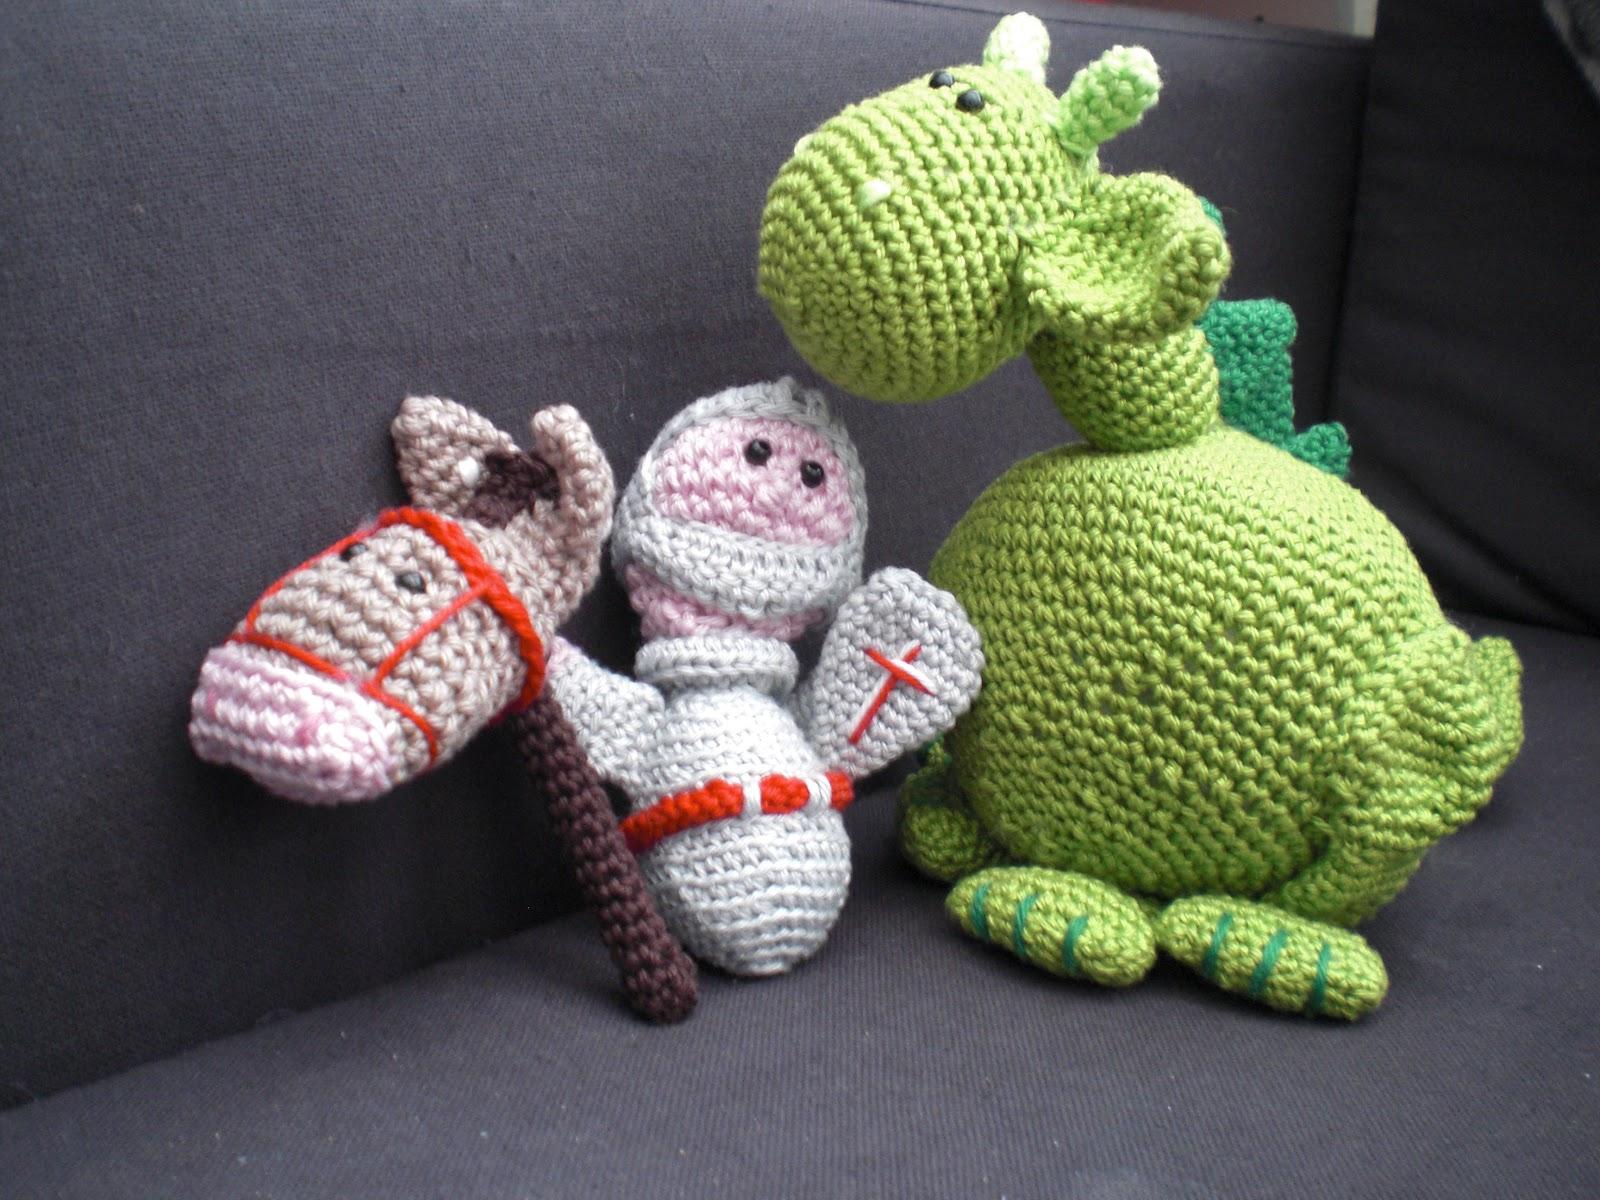 Amigurumi Monsters Tessa Van Riet : Amigurumi: mei 2012